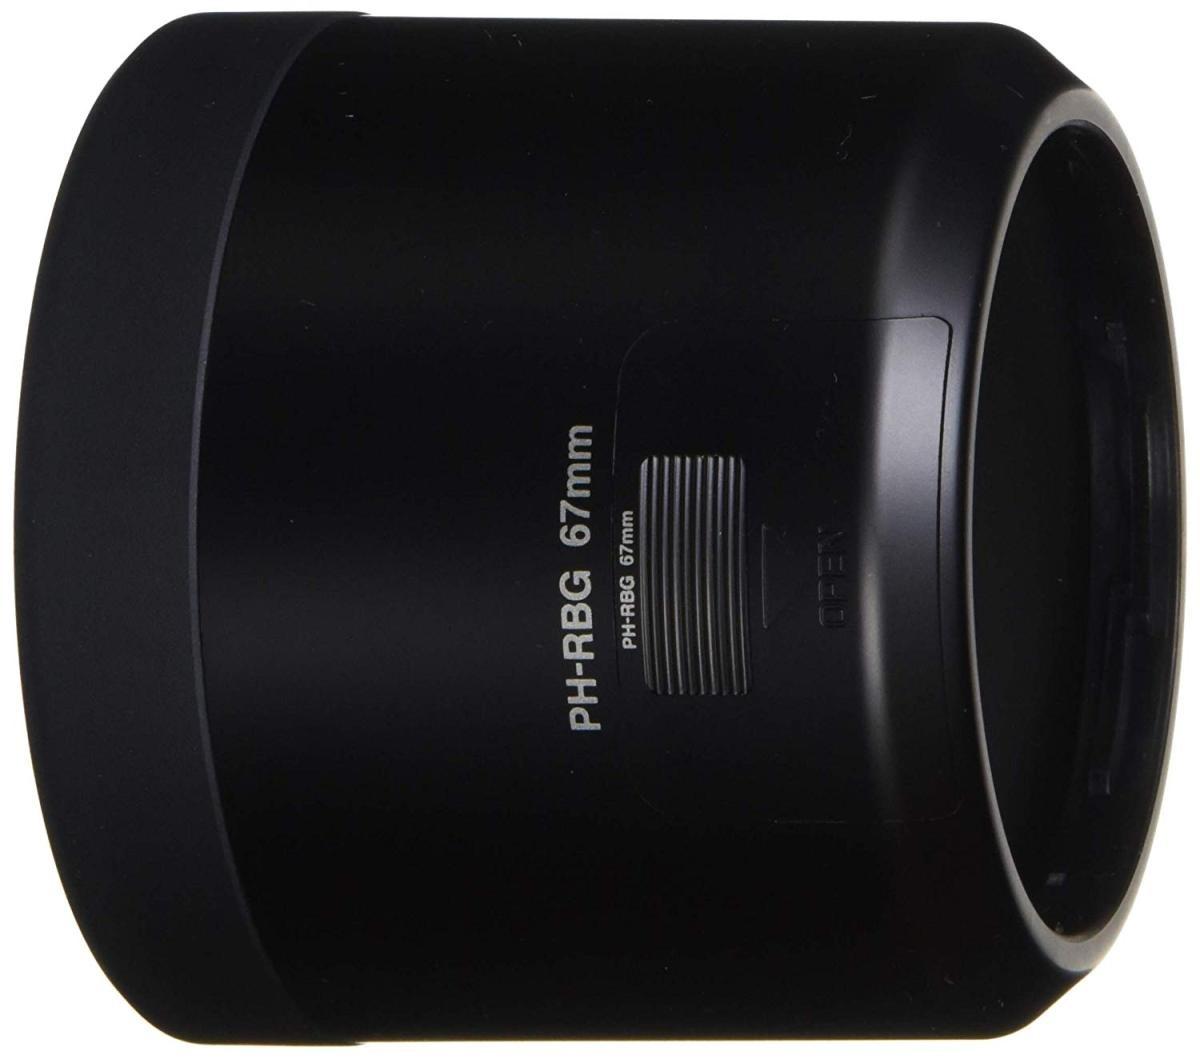 ペンタックス PENTAX レンズフード PH-RBG67(ブラック)の商品画像 2